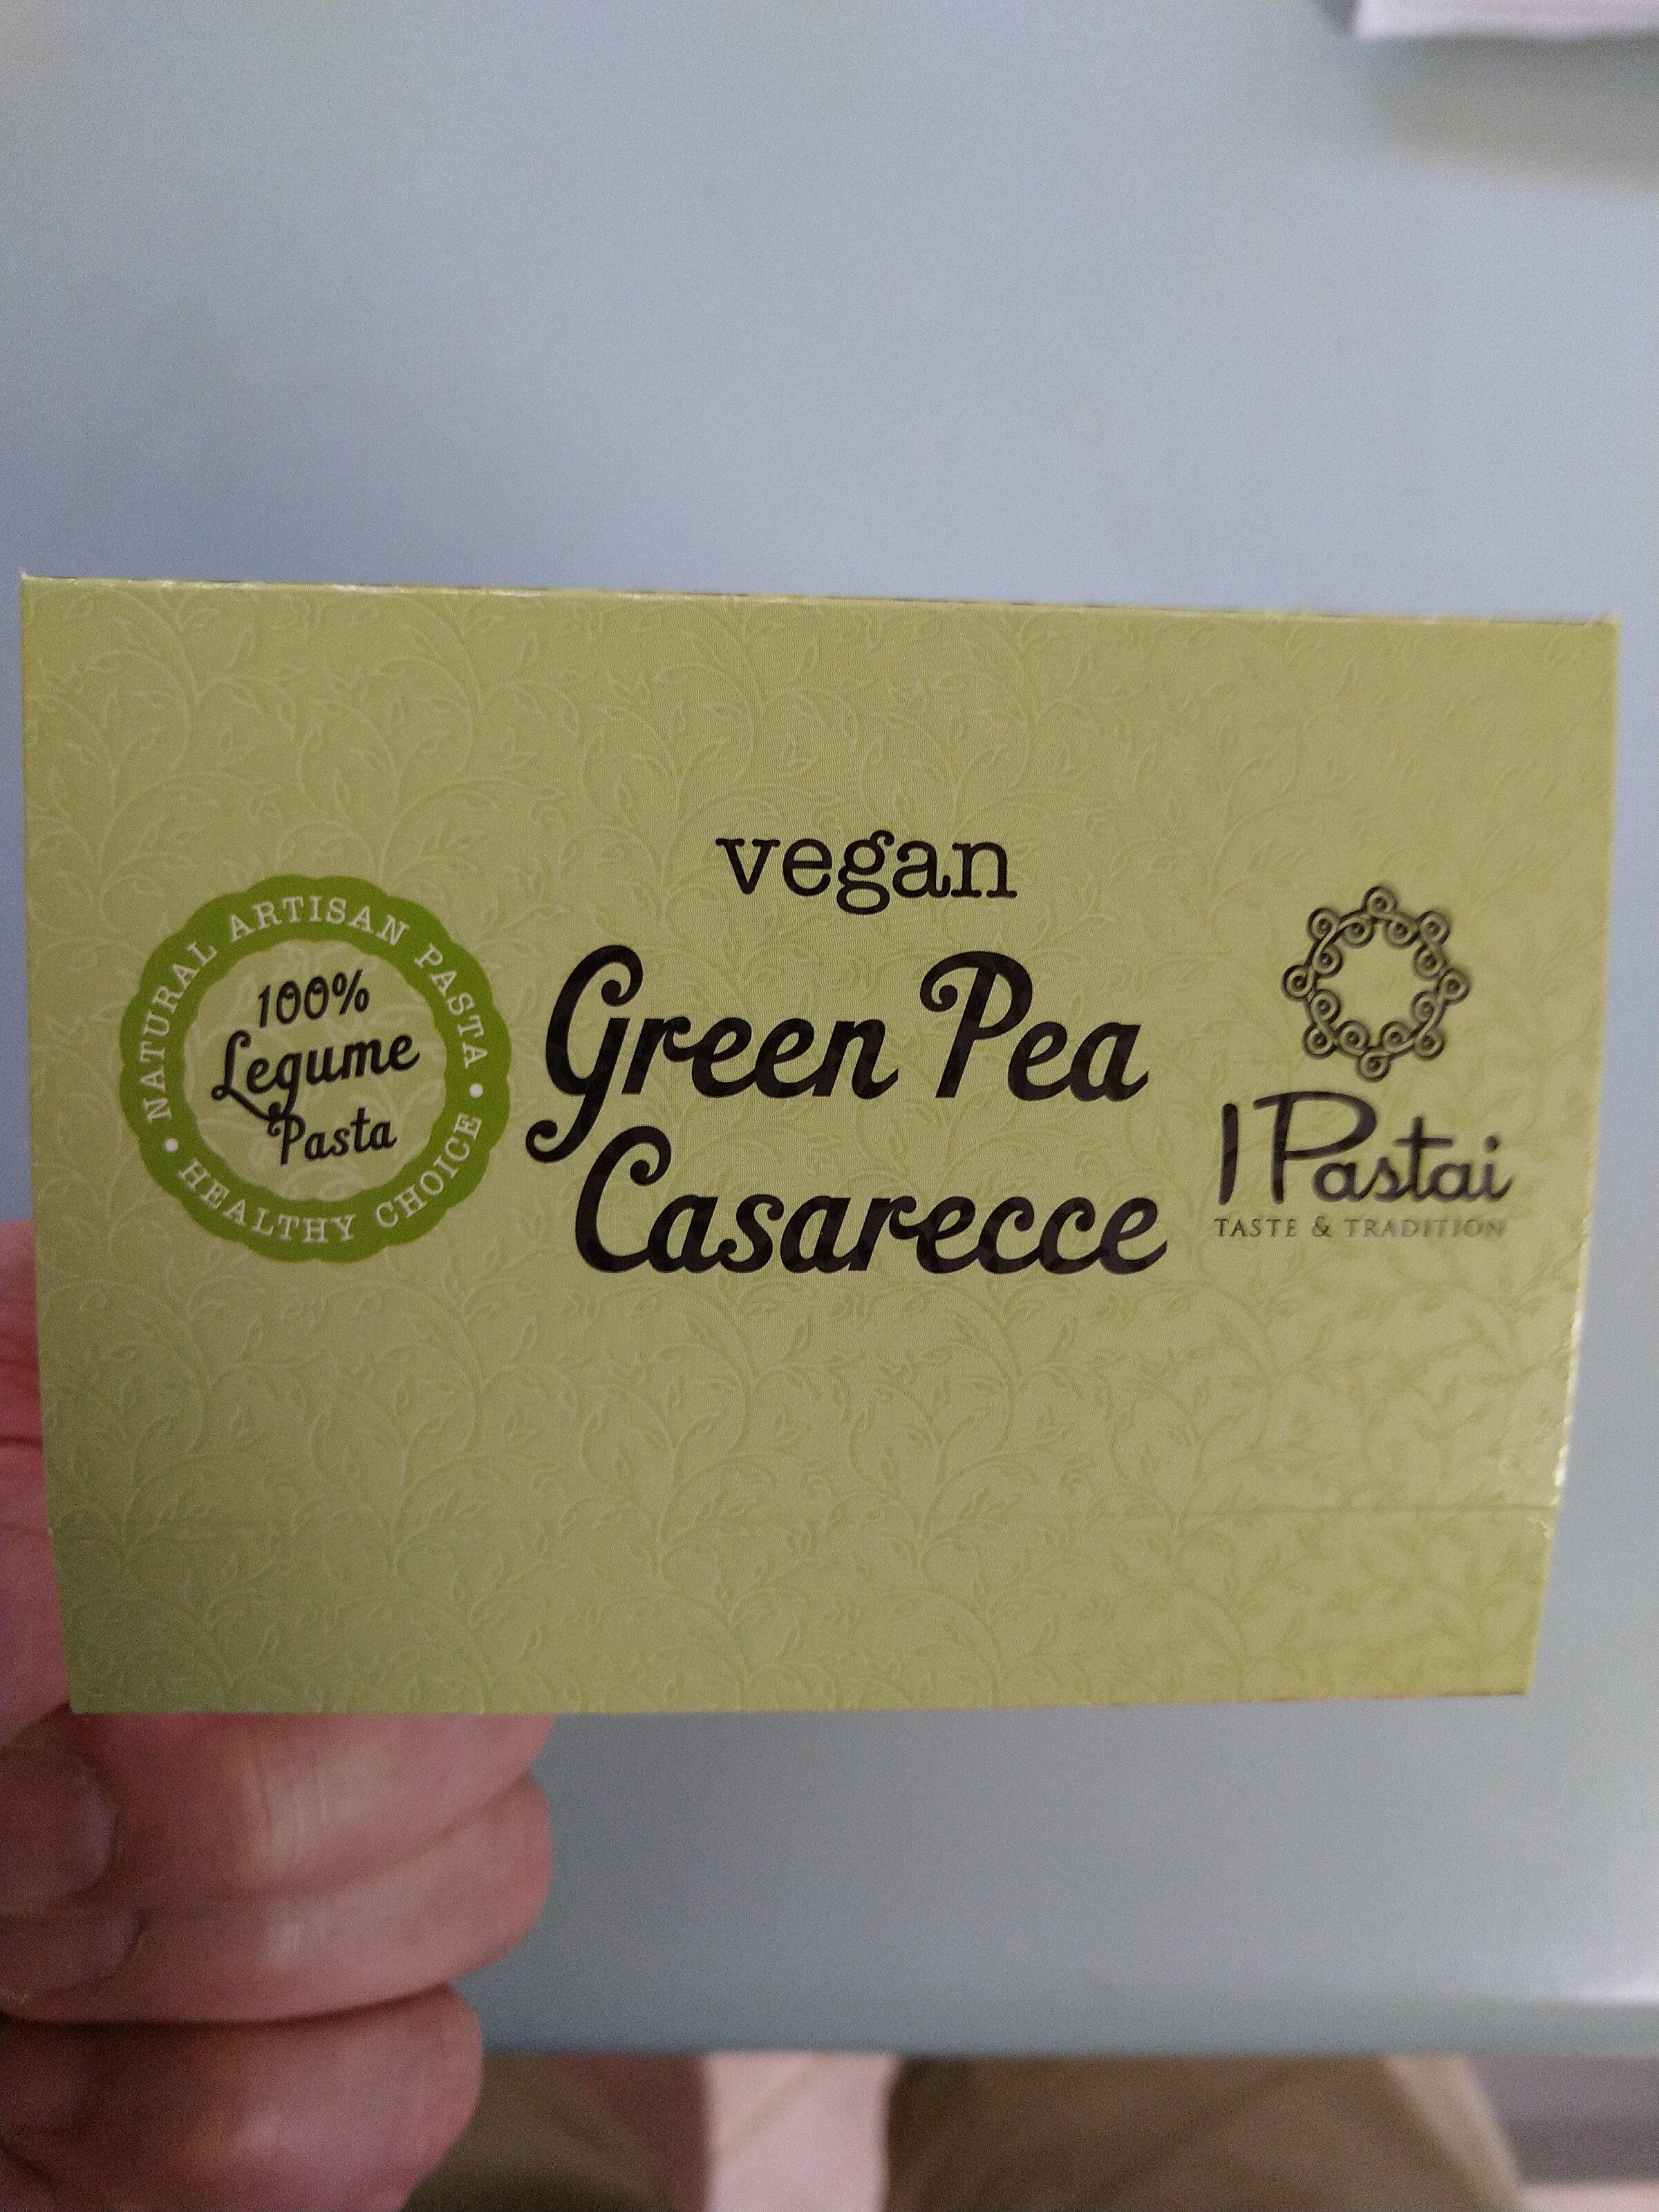 Vegan Green Pea Casarecce - Produit - en